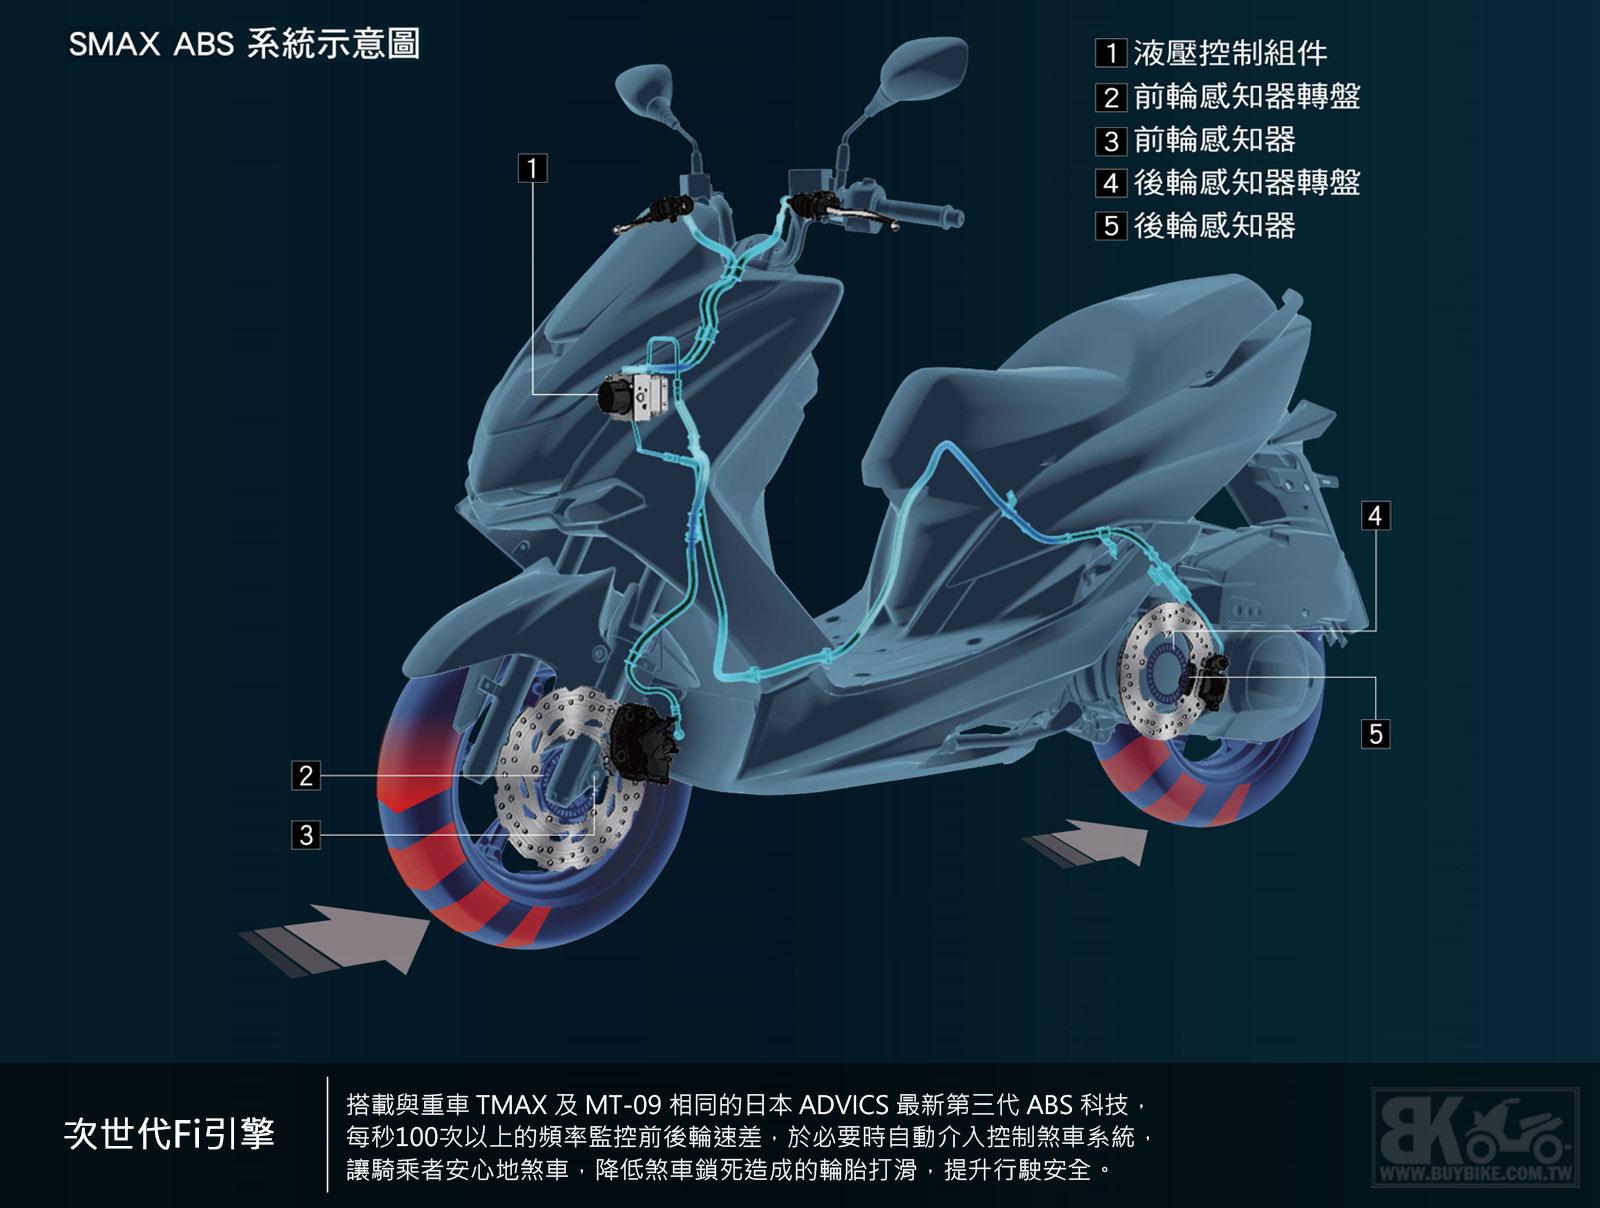 01.ABS重車級煞車系統